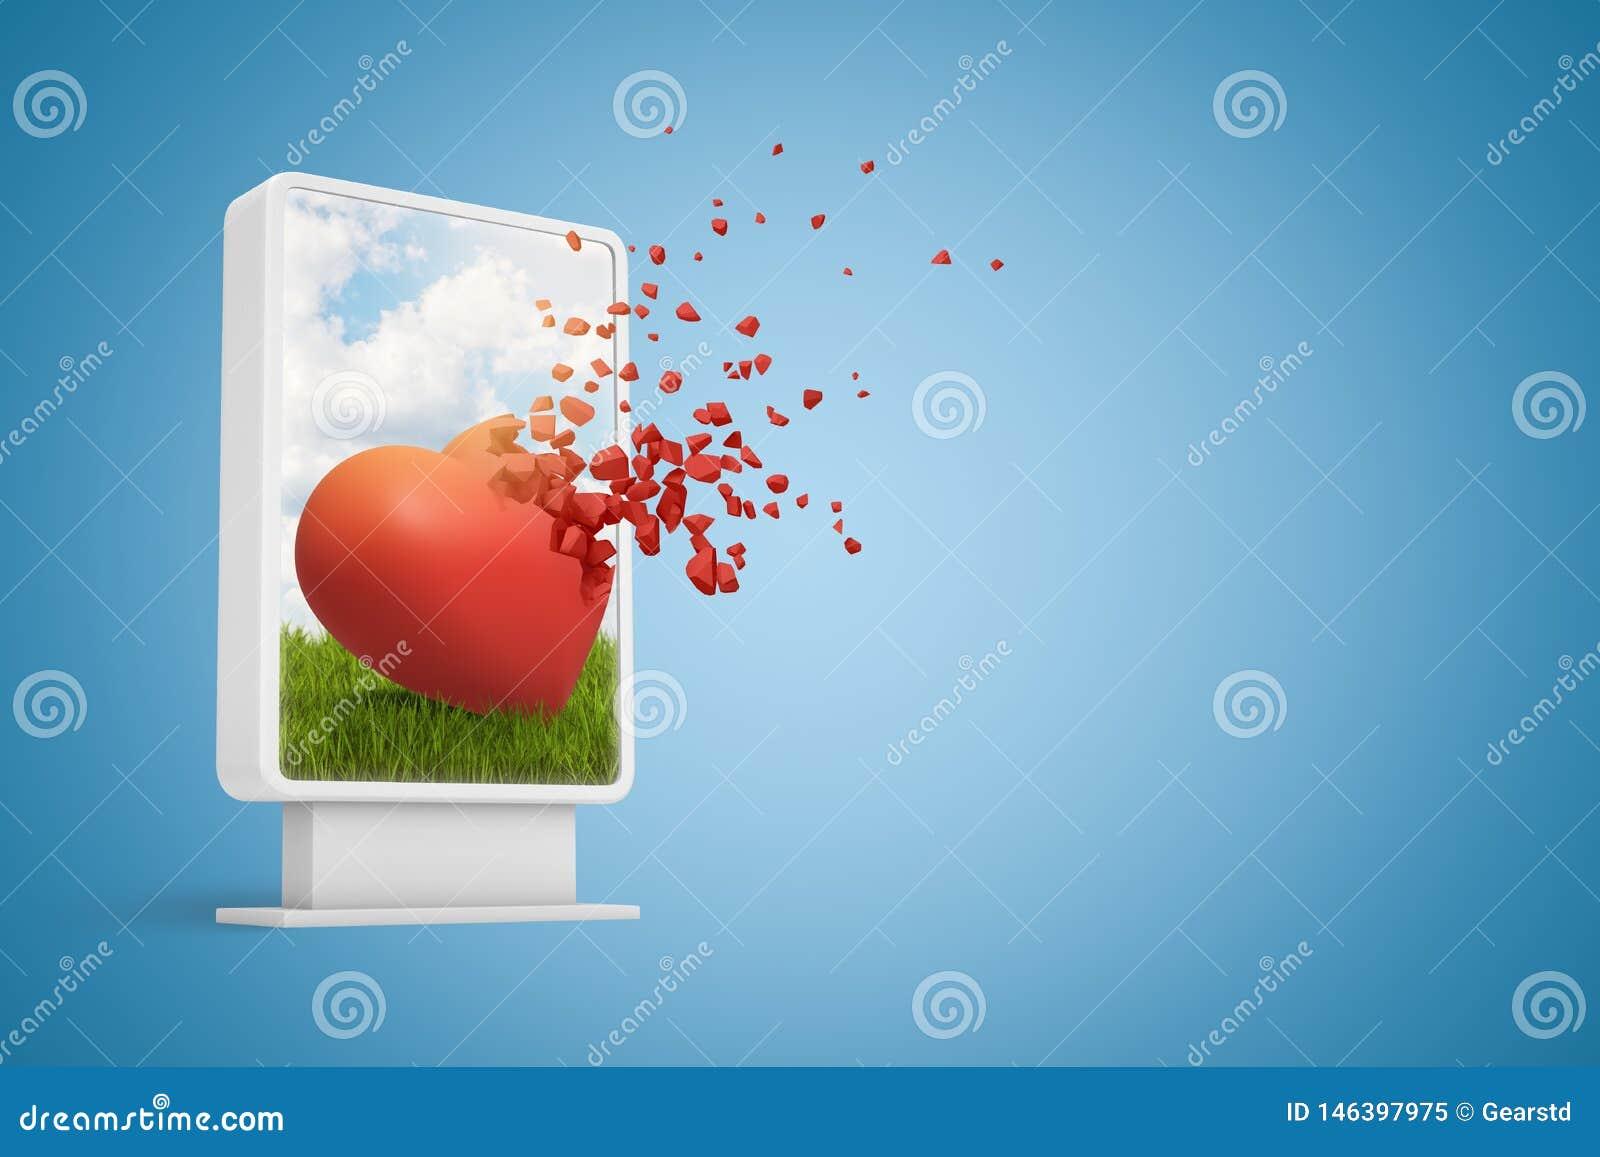 Rendu 3d d affichage d informations numériques montrant le coeur rouge mignon commençant à se dissoudre dans les particules, sur